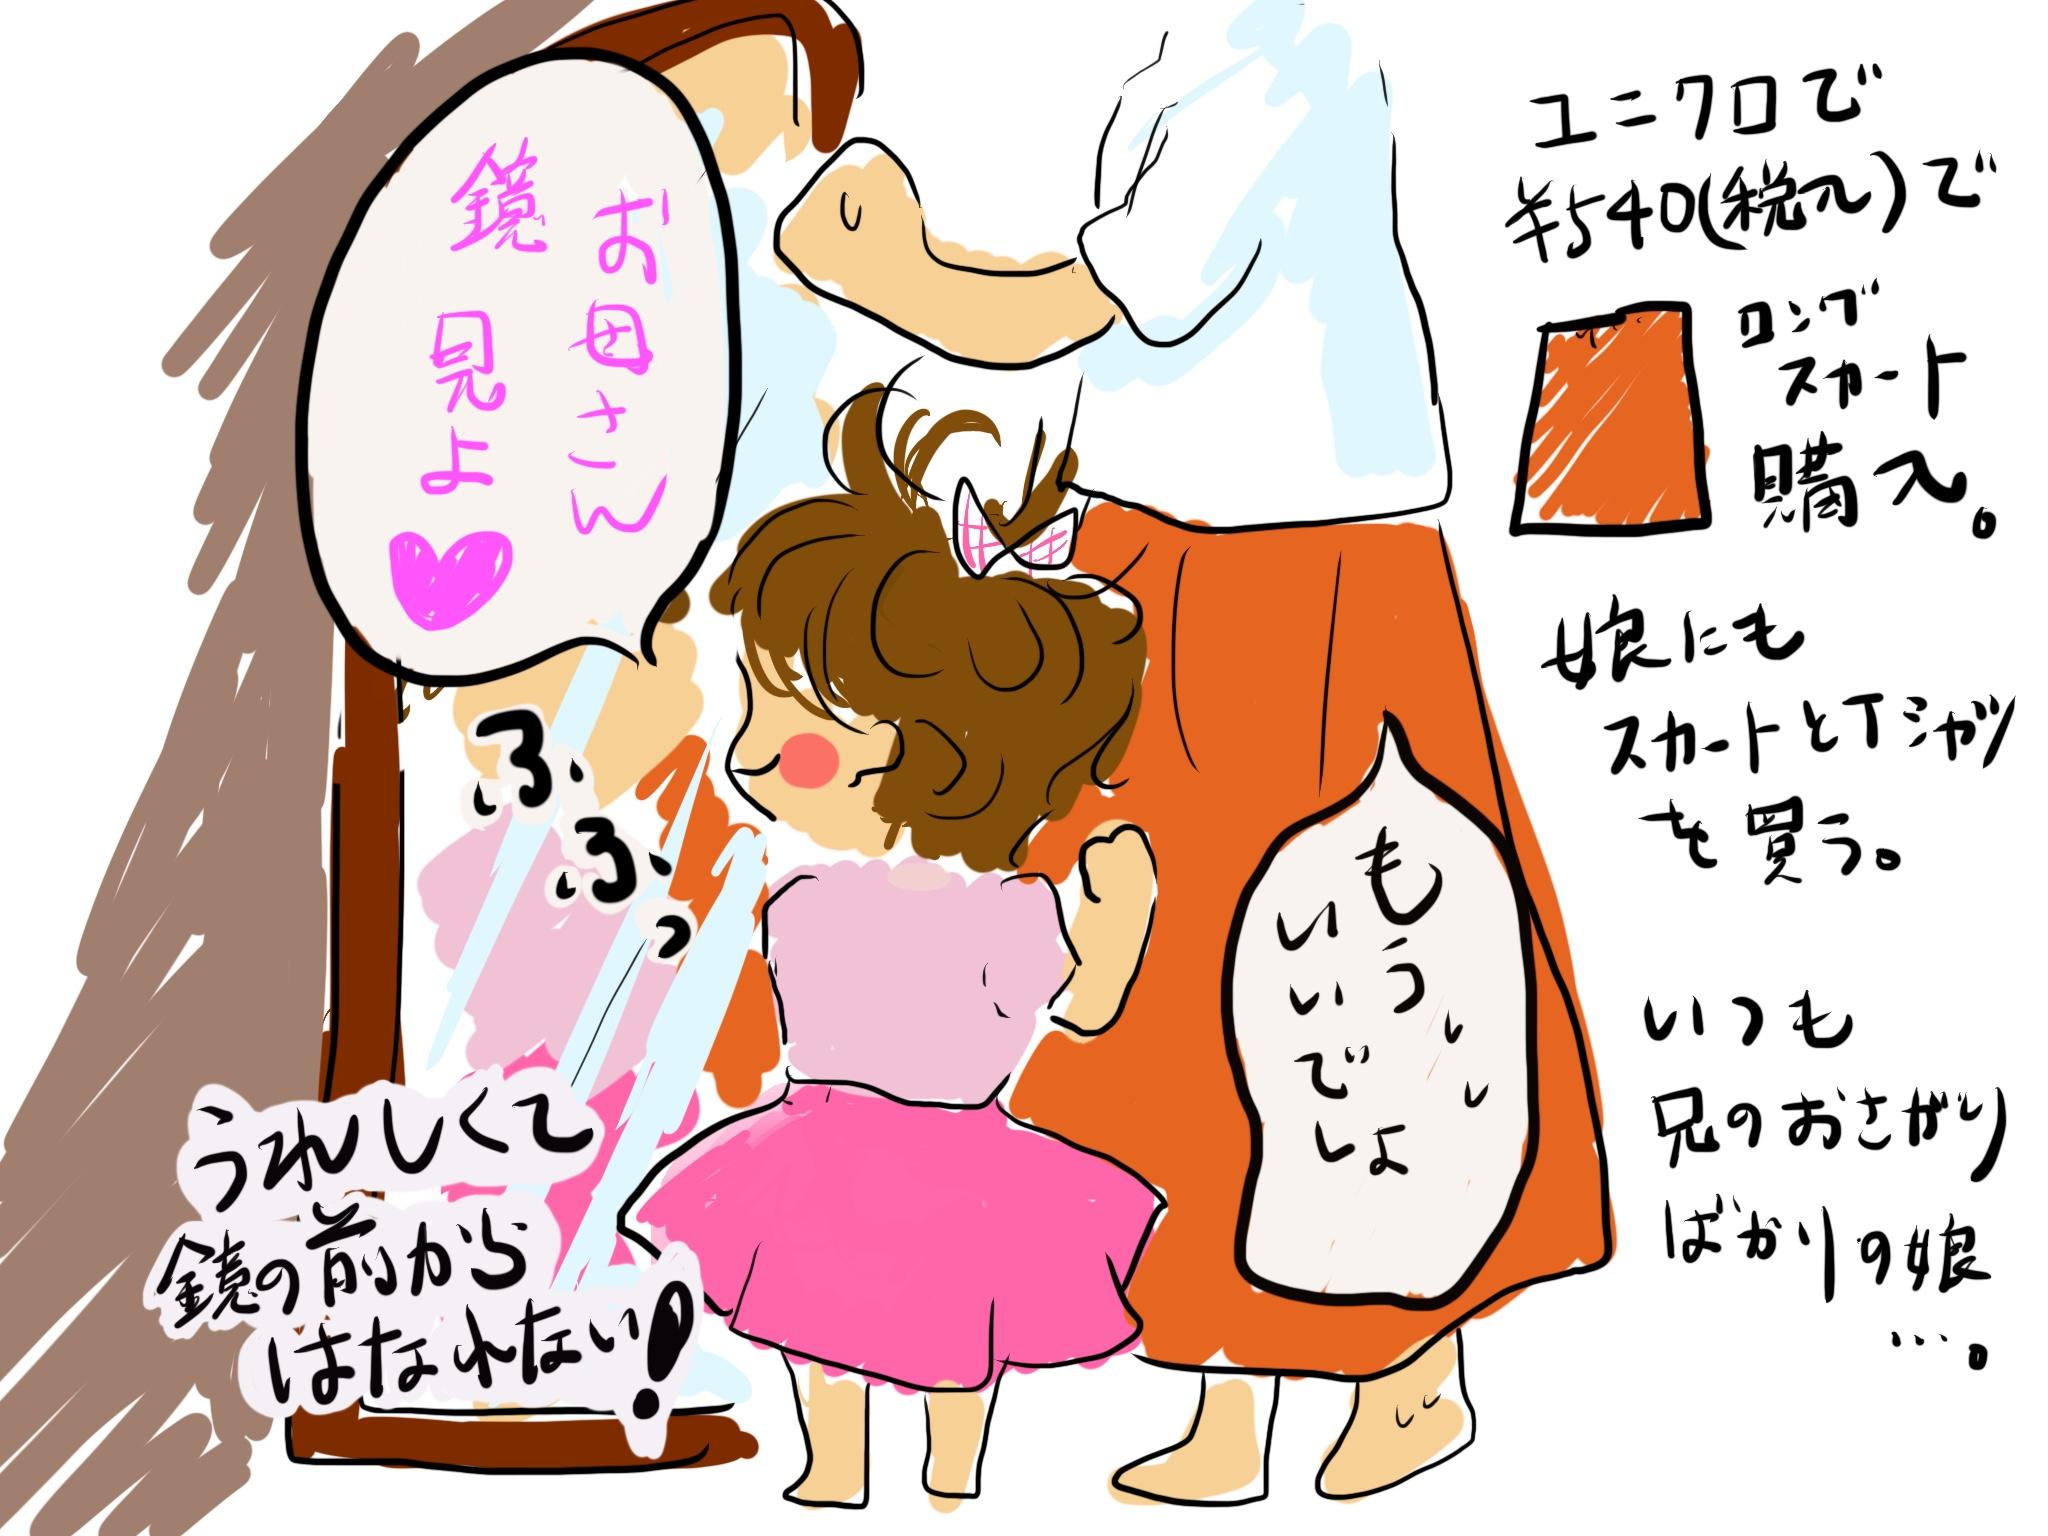 兄のお下がりばかりの3歳の娘。初めてのピンクのスカートにうっとり。